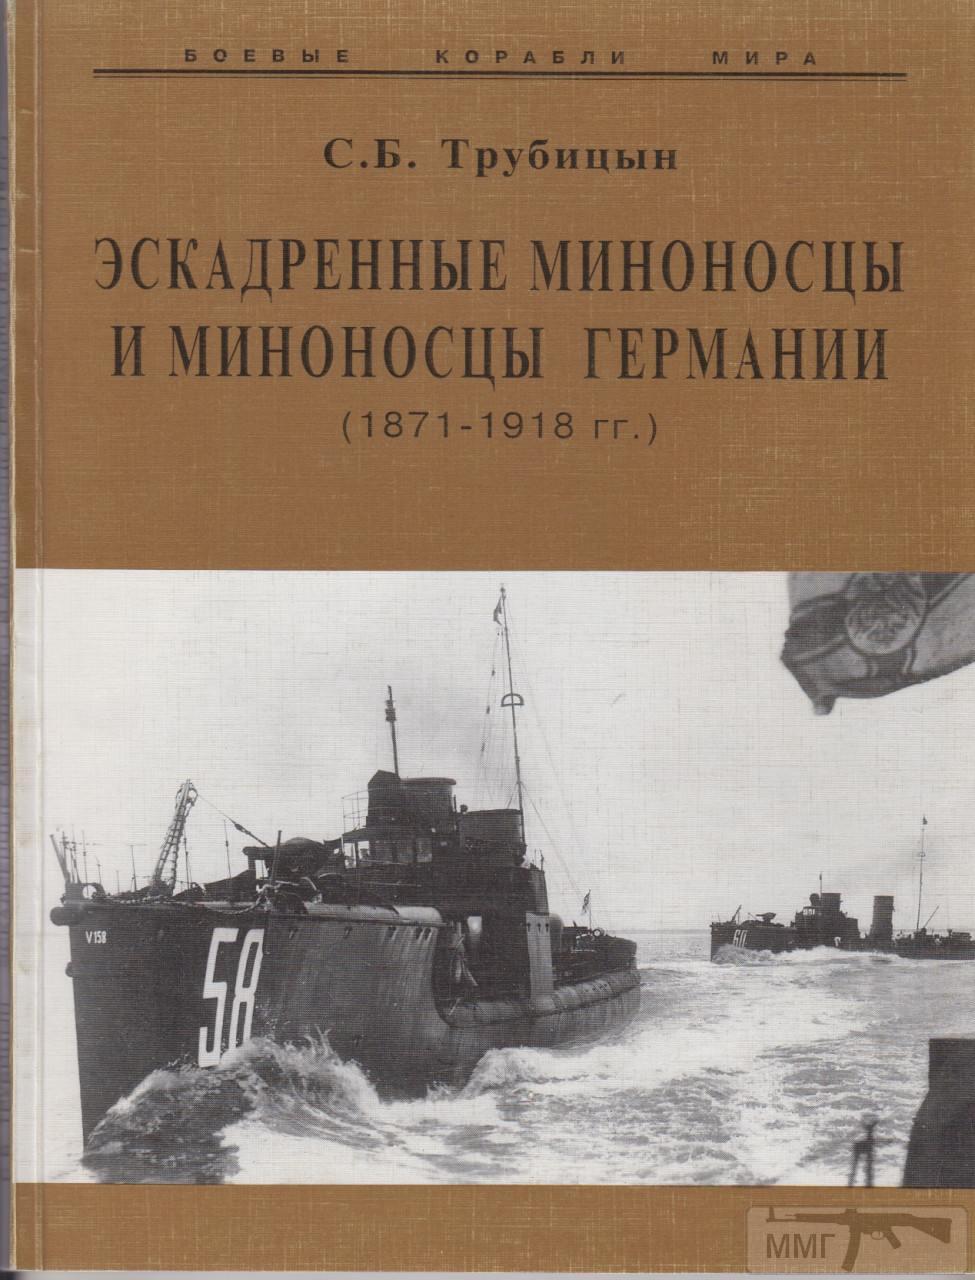 76533 - Литература по истории флота Германии.2 часть.